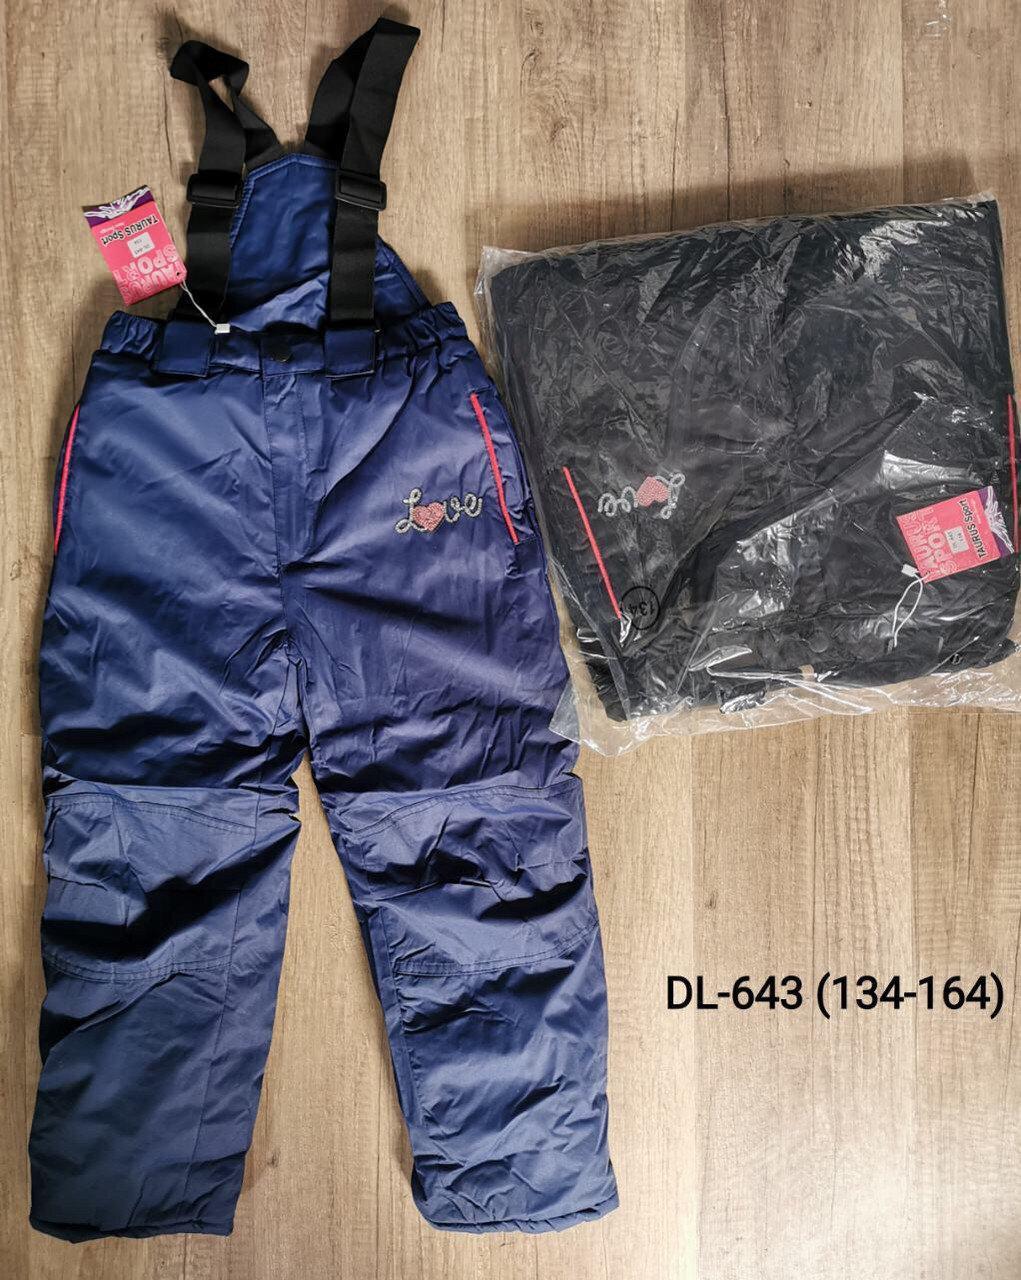 Полукомбинезон (лыжные штаны) для девочек опт, Taurus, размеры 134-164р , арт. DL-643